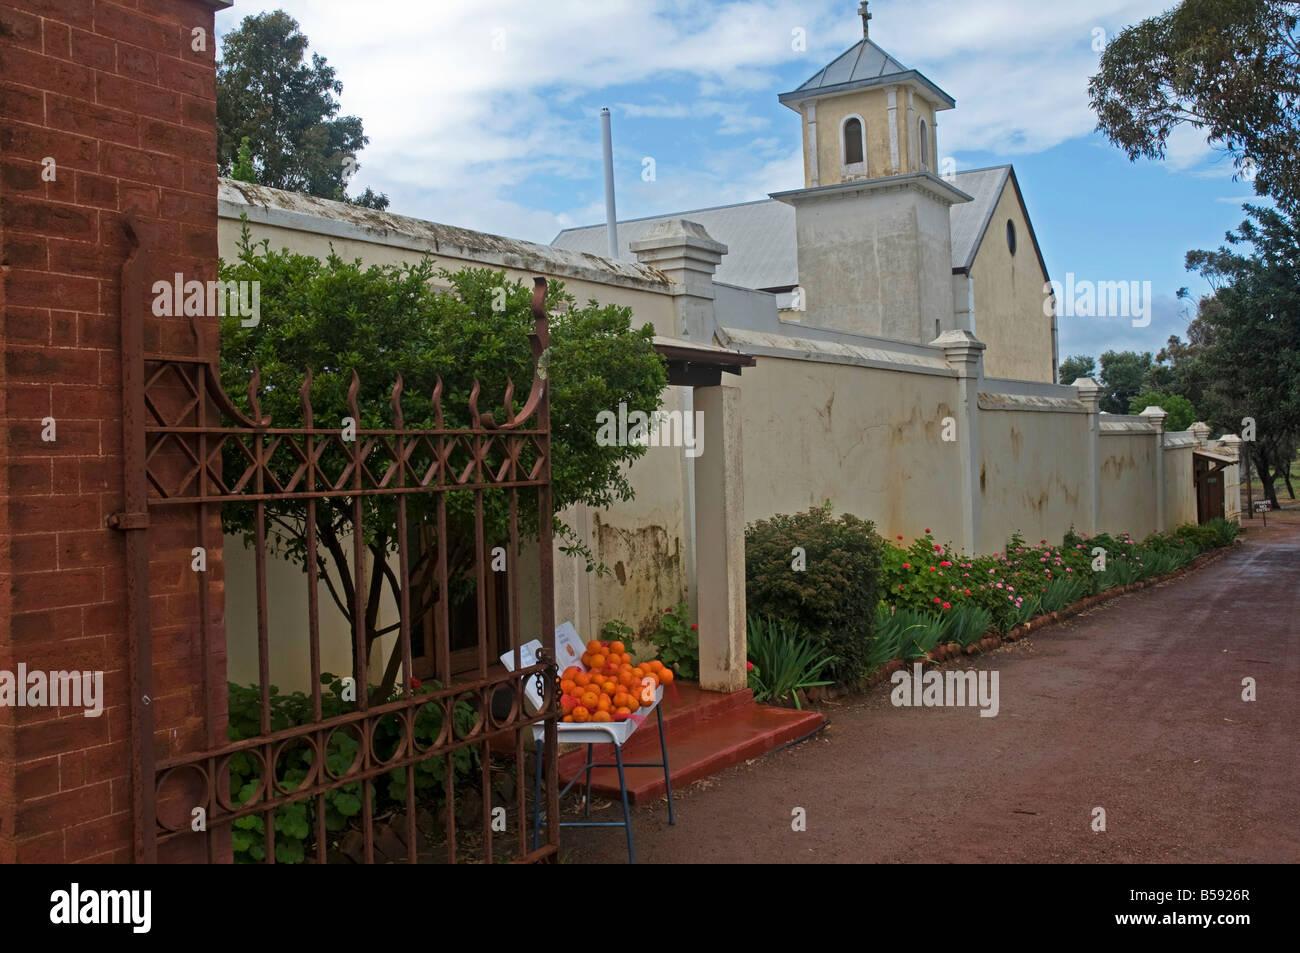 Das Gästehaus in der Benediktiner-Kloster in New Norcia in Western Australia Stockbild